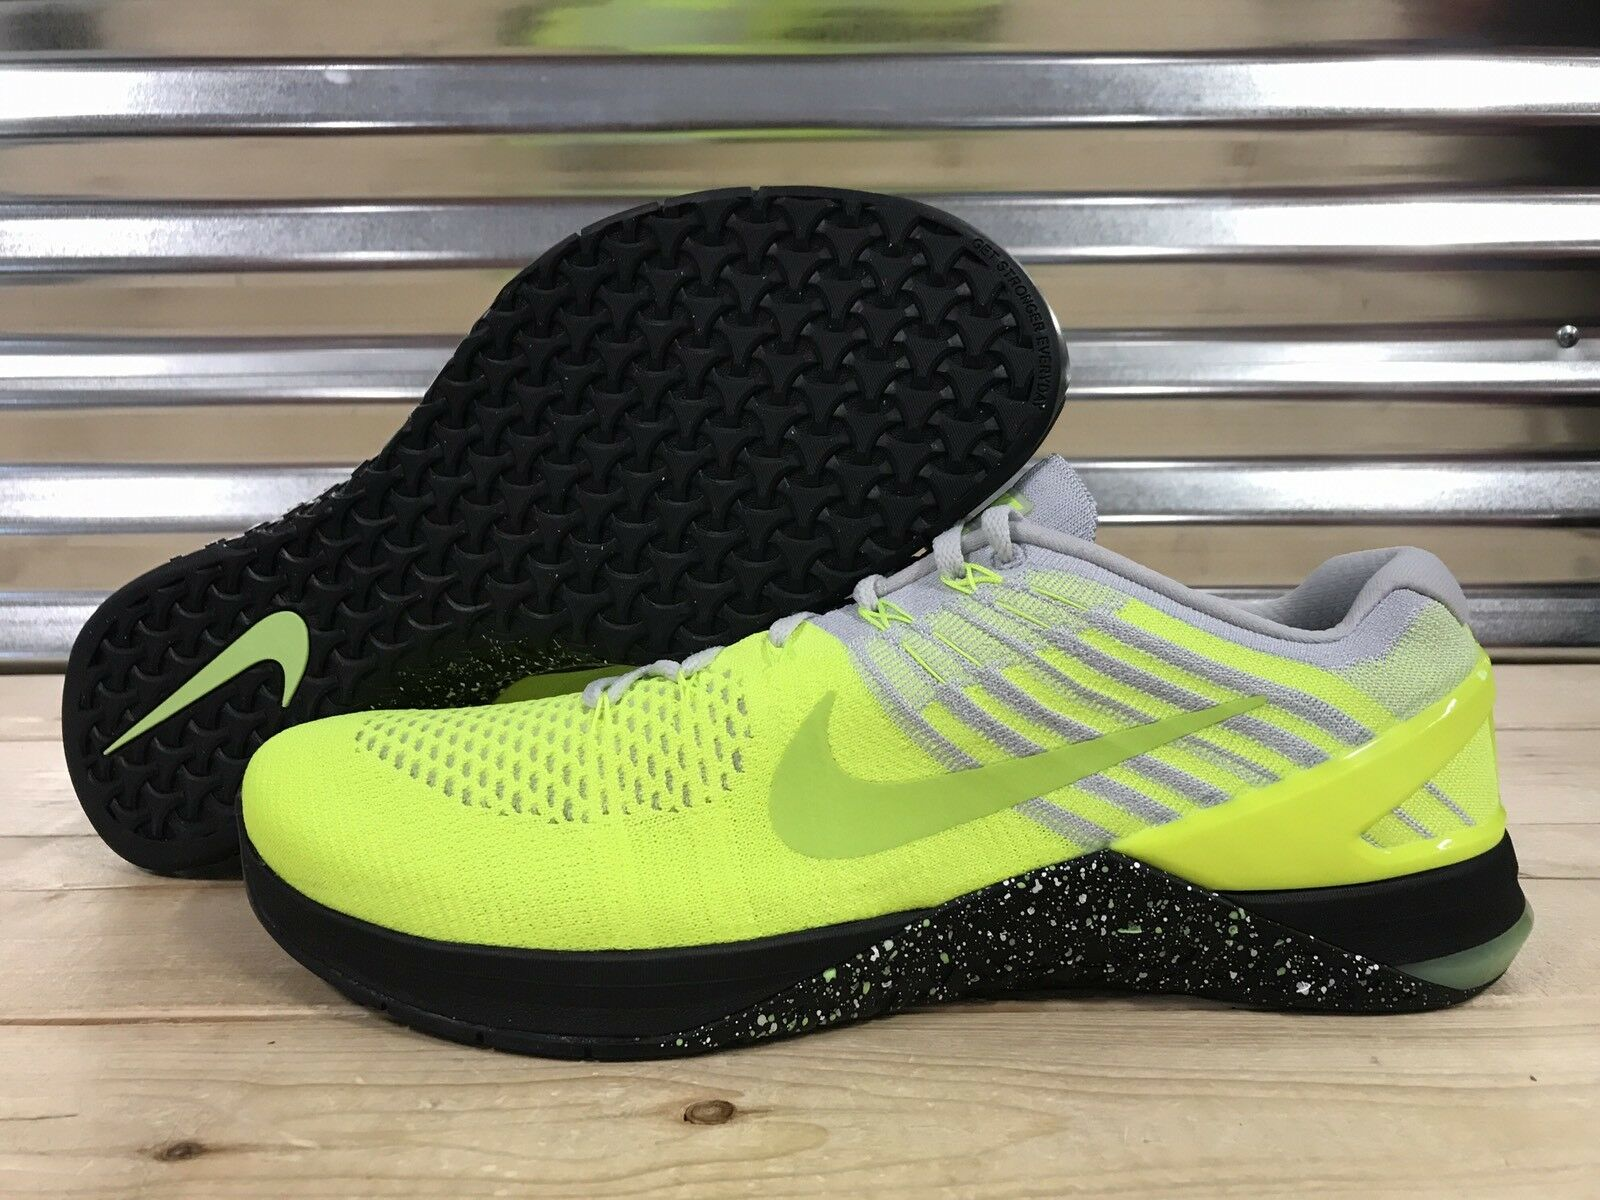 Nike Metcon DSX Flyknit Entrenador (852930-701) Zapatos Volt Negro Blanco (852930-701) Entrenador f1cf89